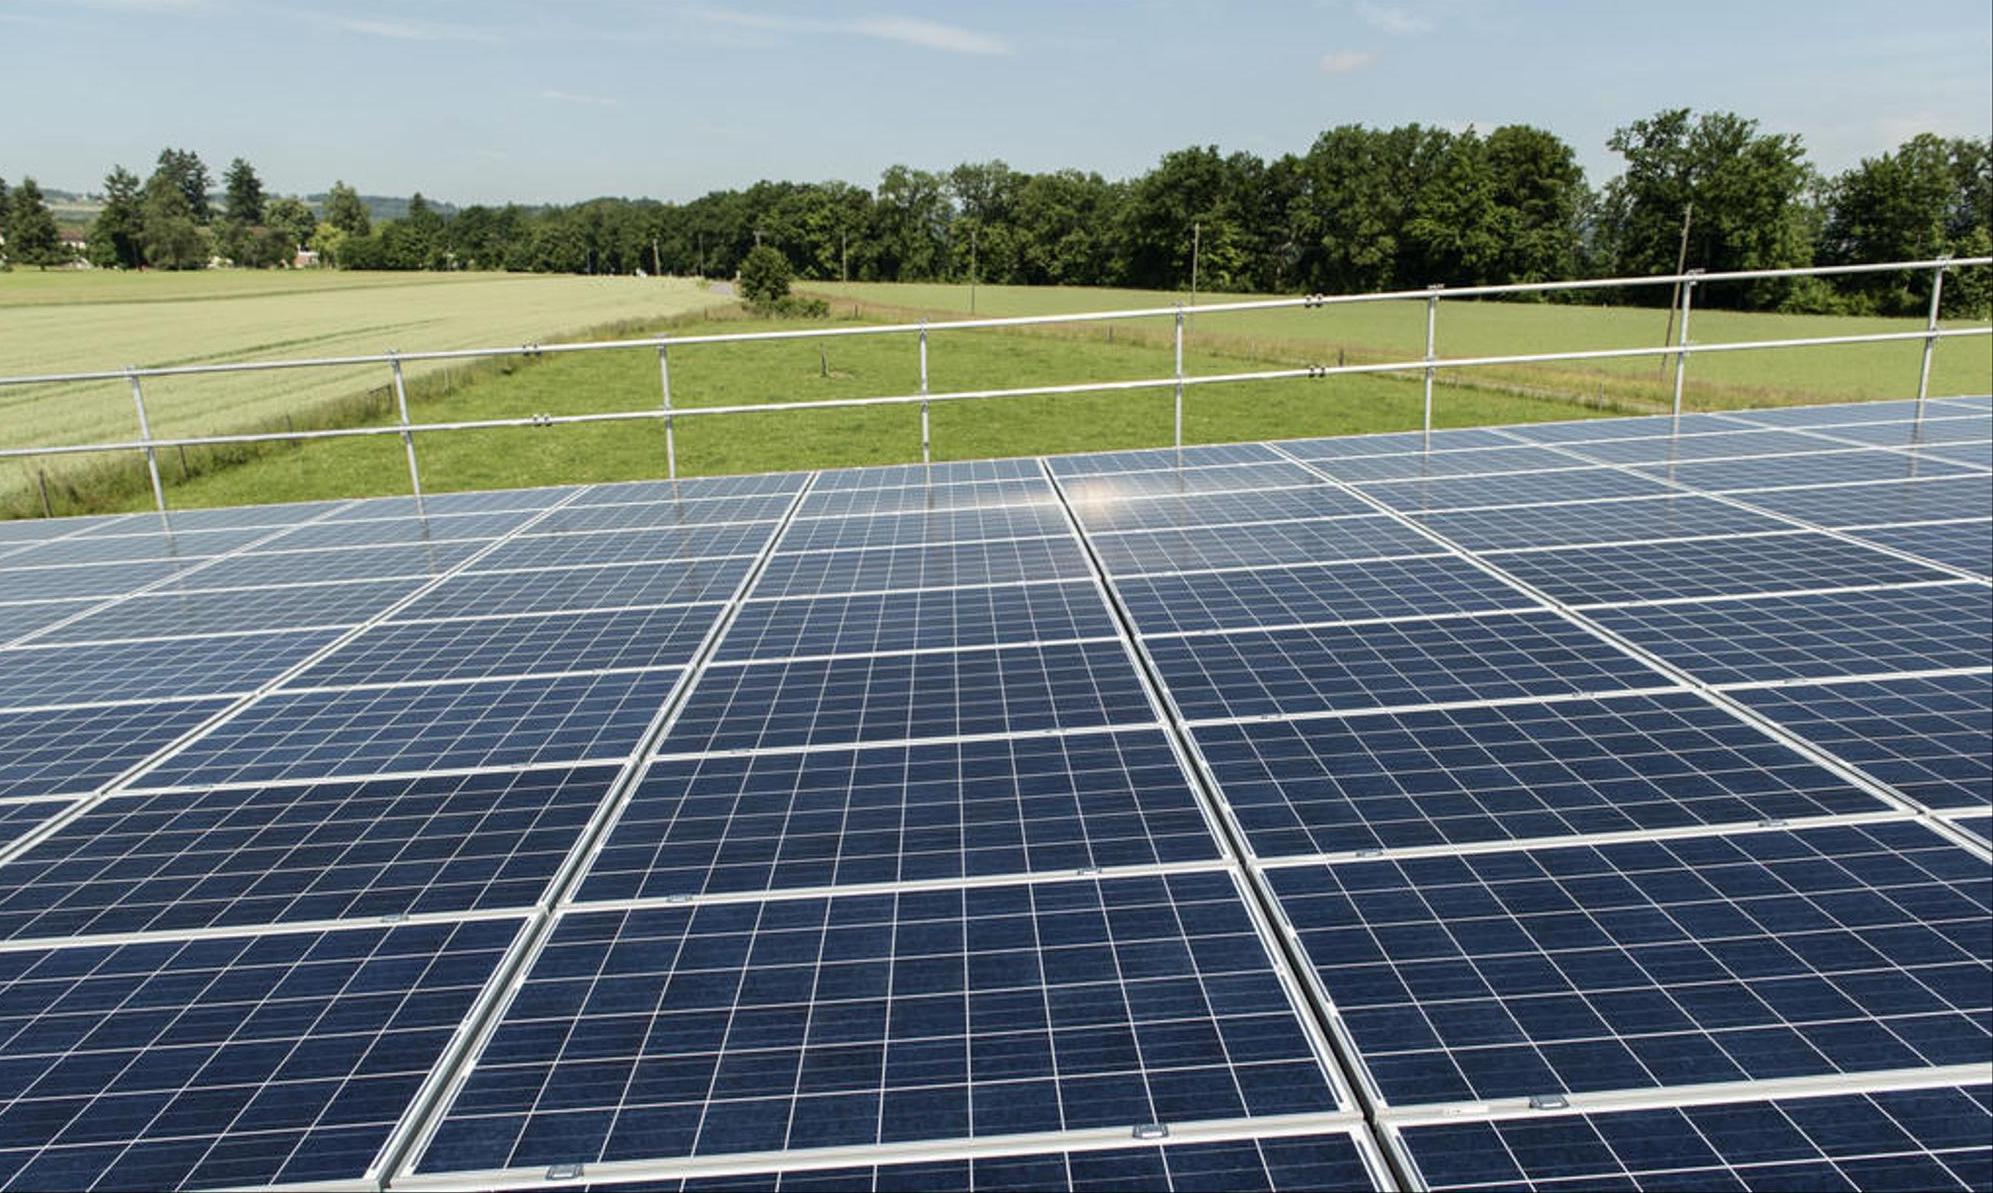 Les coûts de production de l'électricité solaire sont de 13 Rp par kWh. Après déduction des subventions et des économies d'impôts, le coût est de 9,5 centimes par kWh, soit nettement moins que le prix moyen de l'électricité, qui est de 20 centimes par kWh pour les ménages en Suisse.  Keystone/Christian Beutler